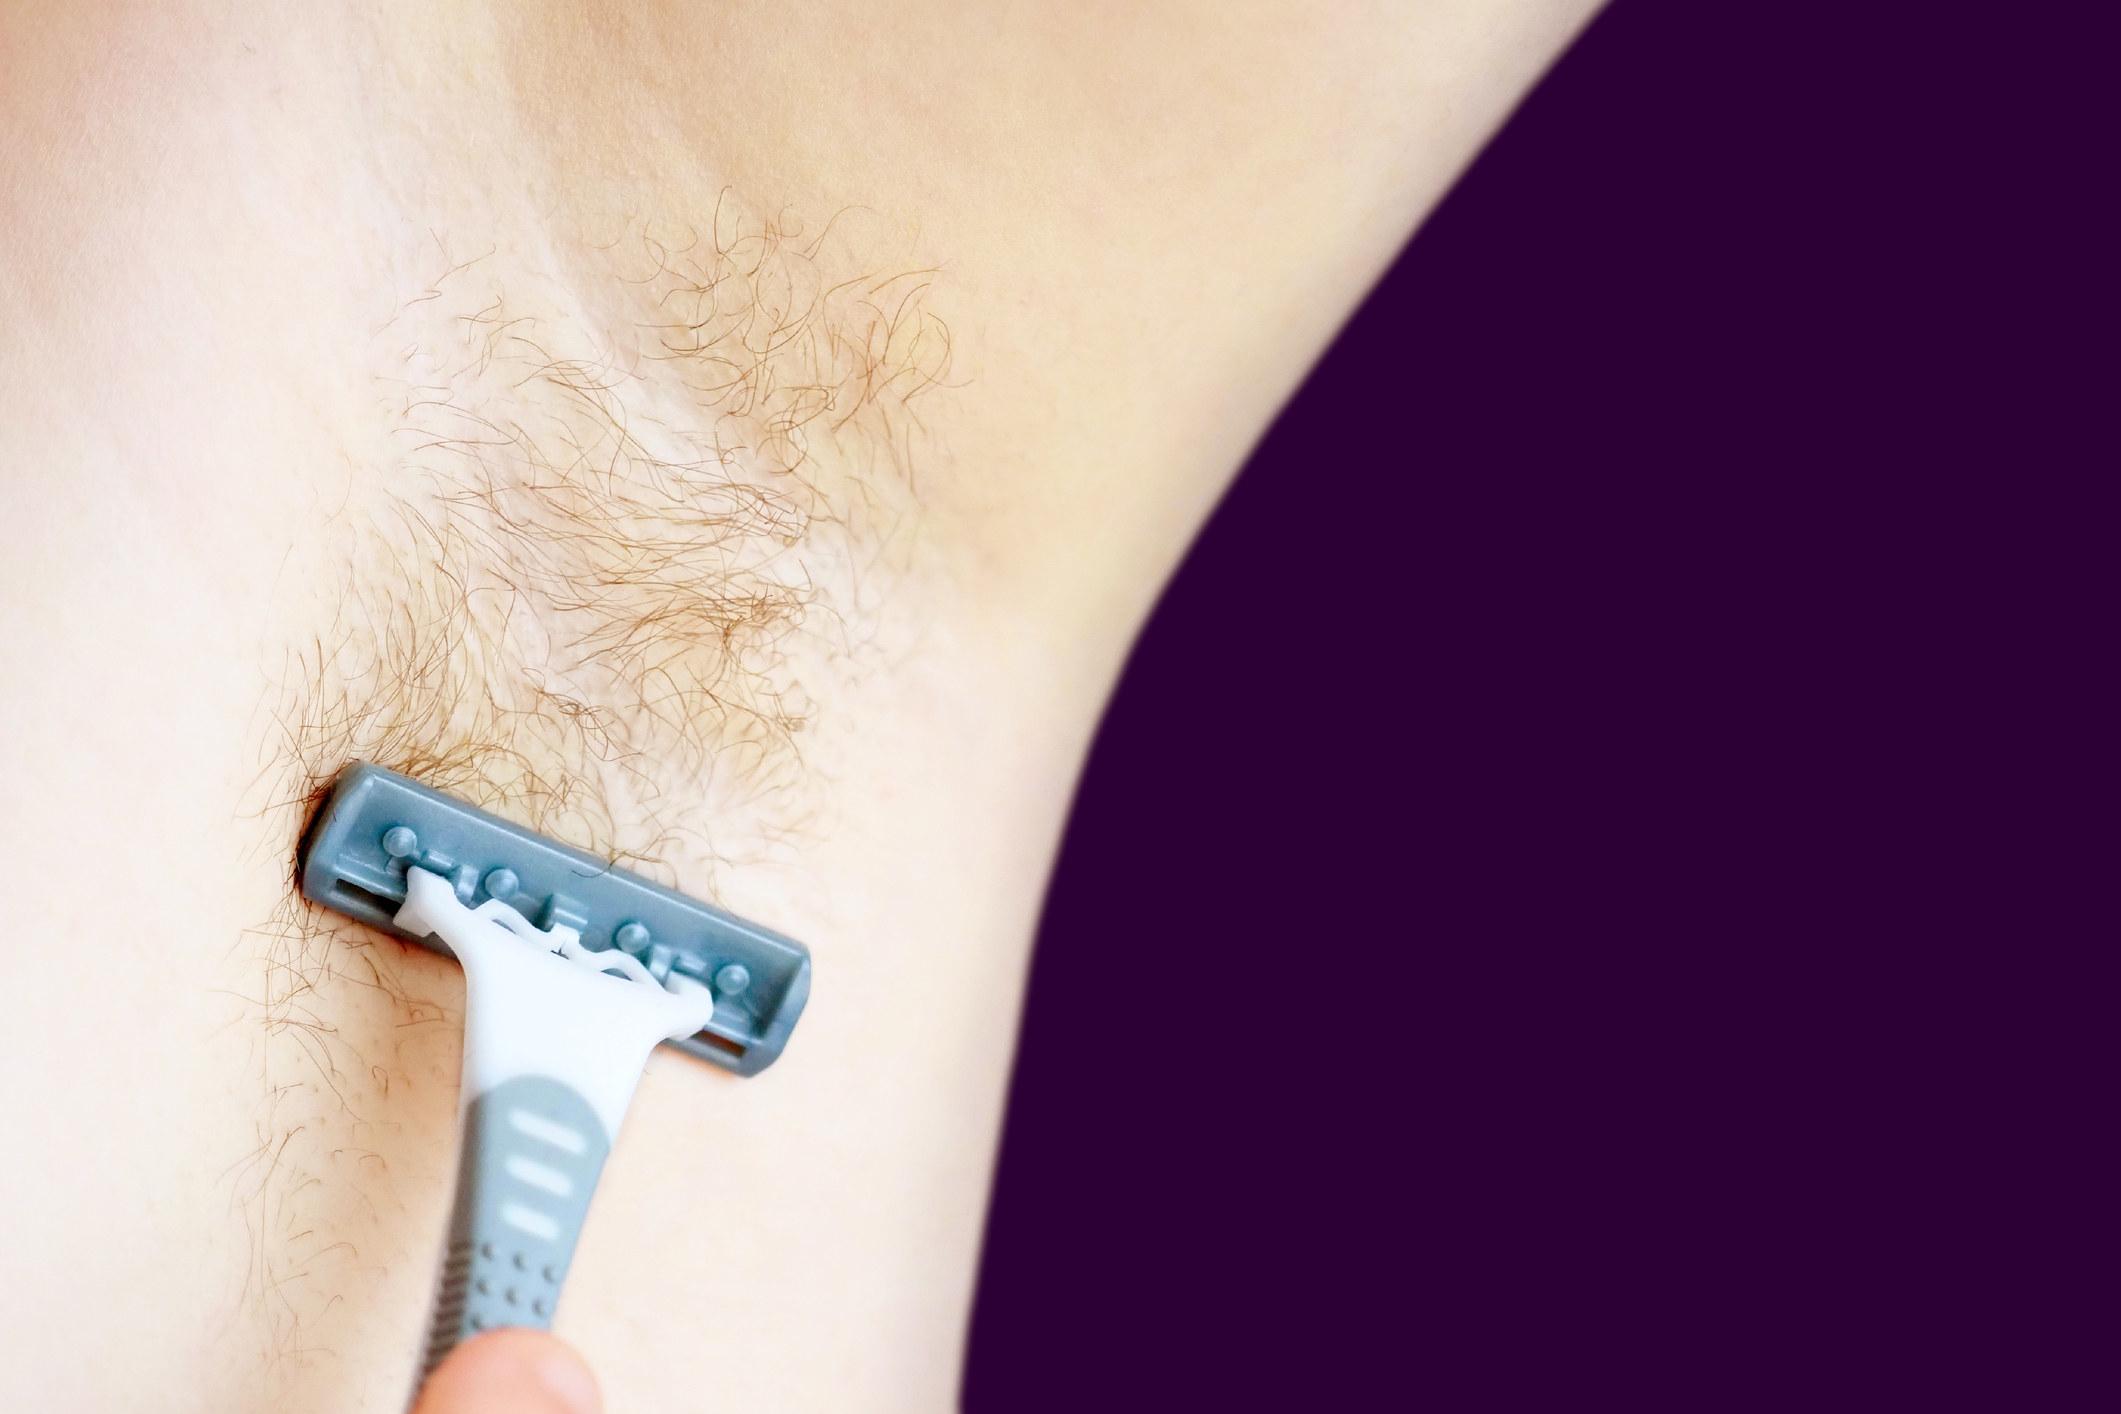 A person shaving their armpits